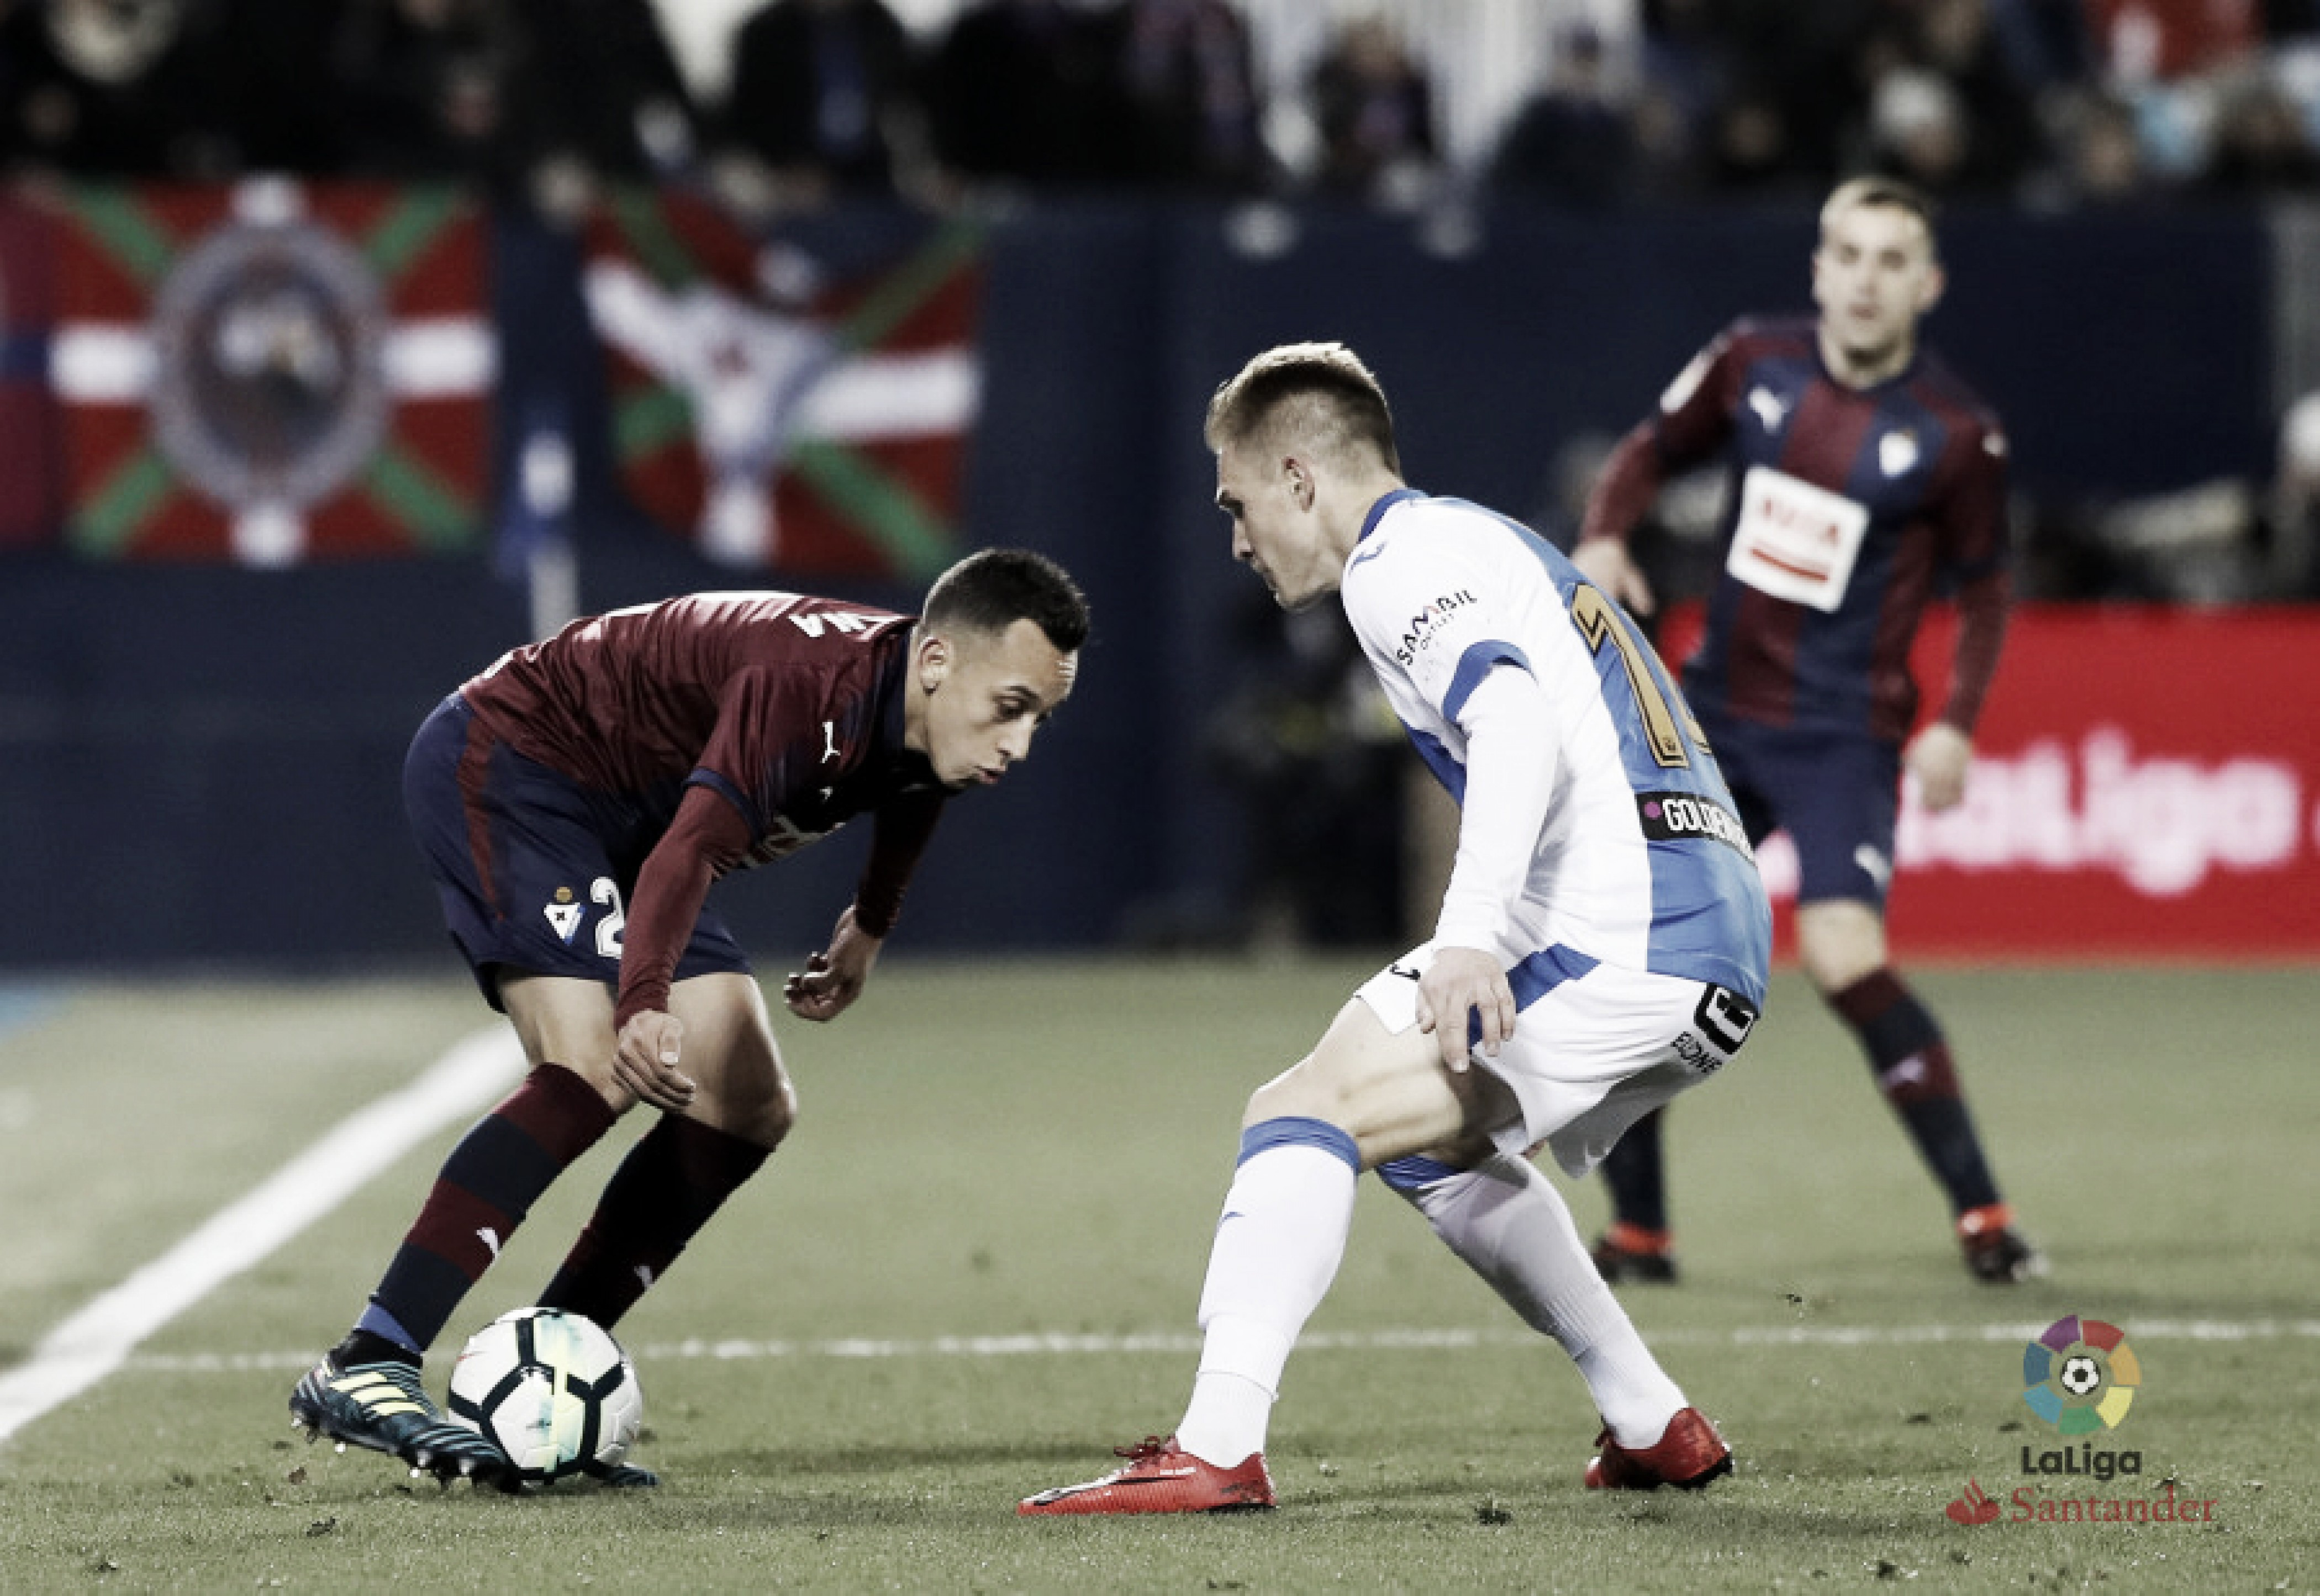 Resumen SD Eibar 1-0 CD Leganés en LaLiga 2018